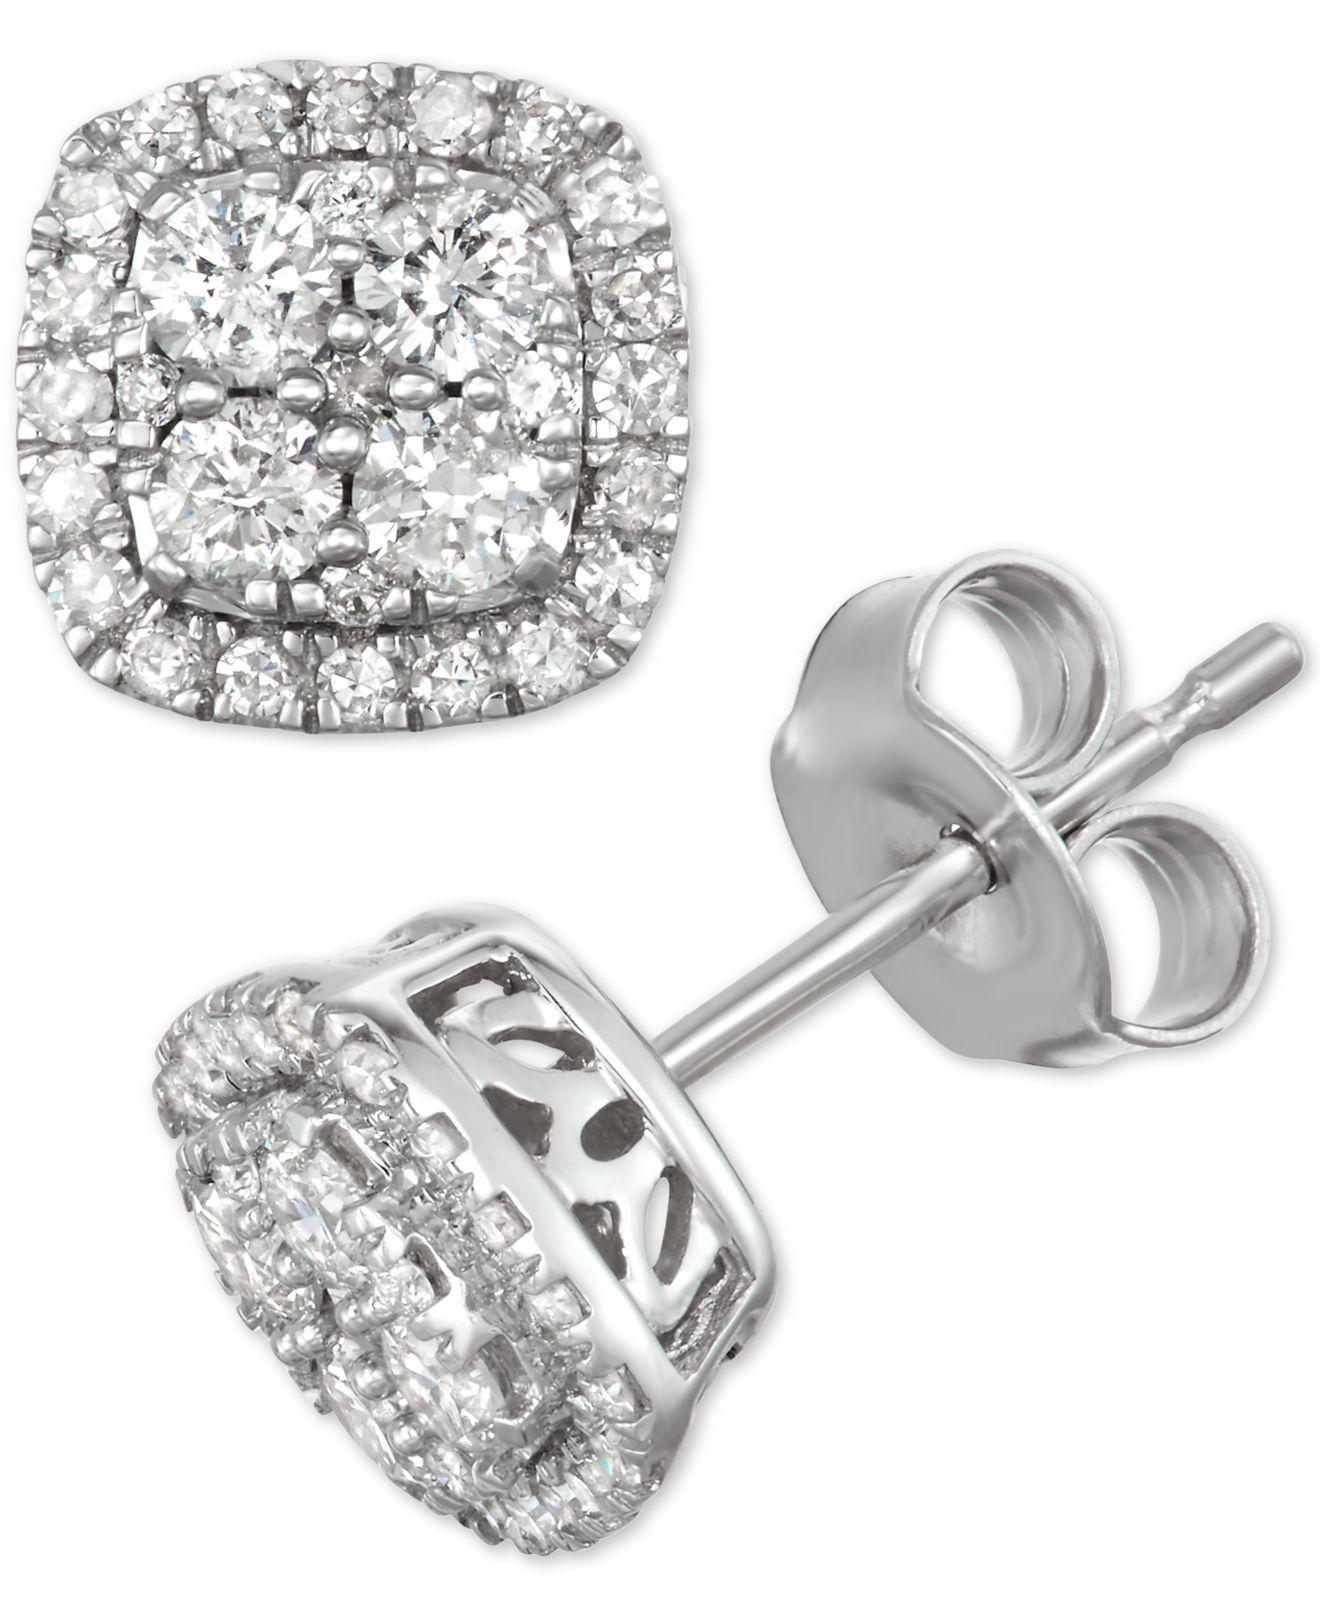 cad8dbd9f Lyst - Macy's Diamond Halo Stud Earrings (1/2 Ct. T.w.) In 14k White ...